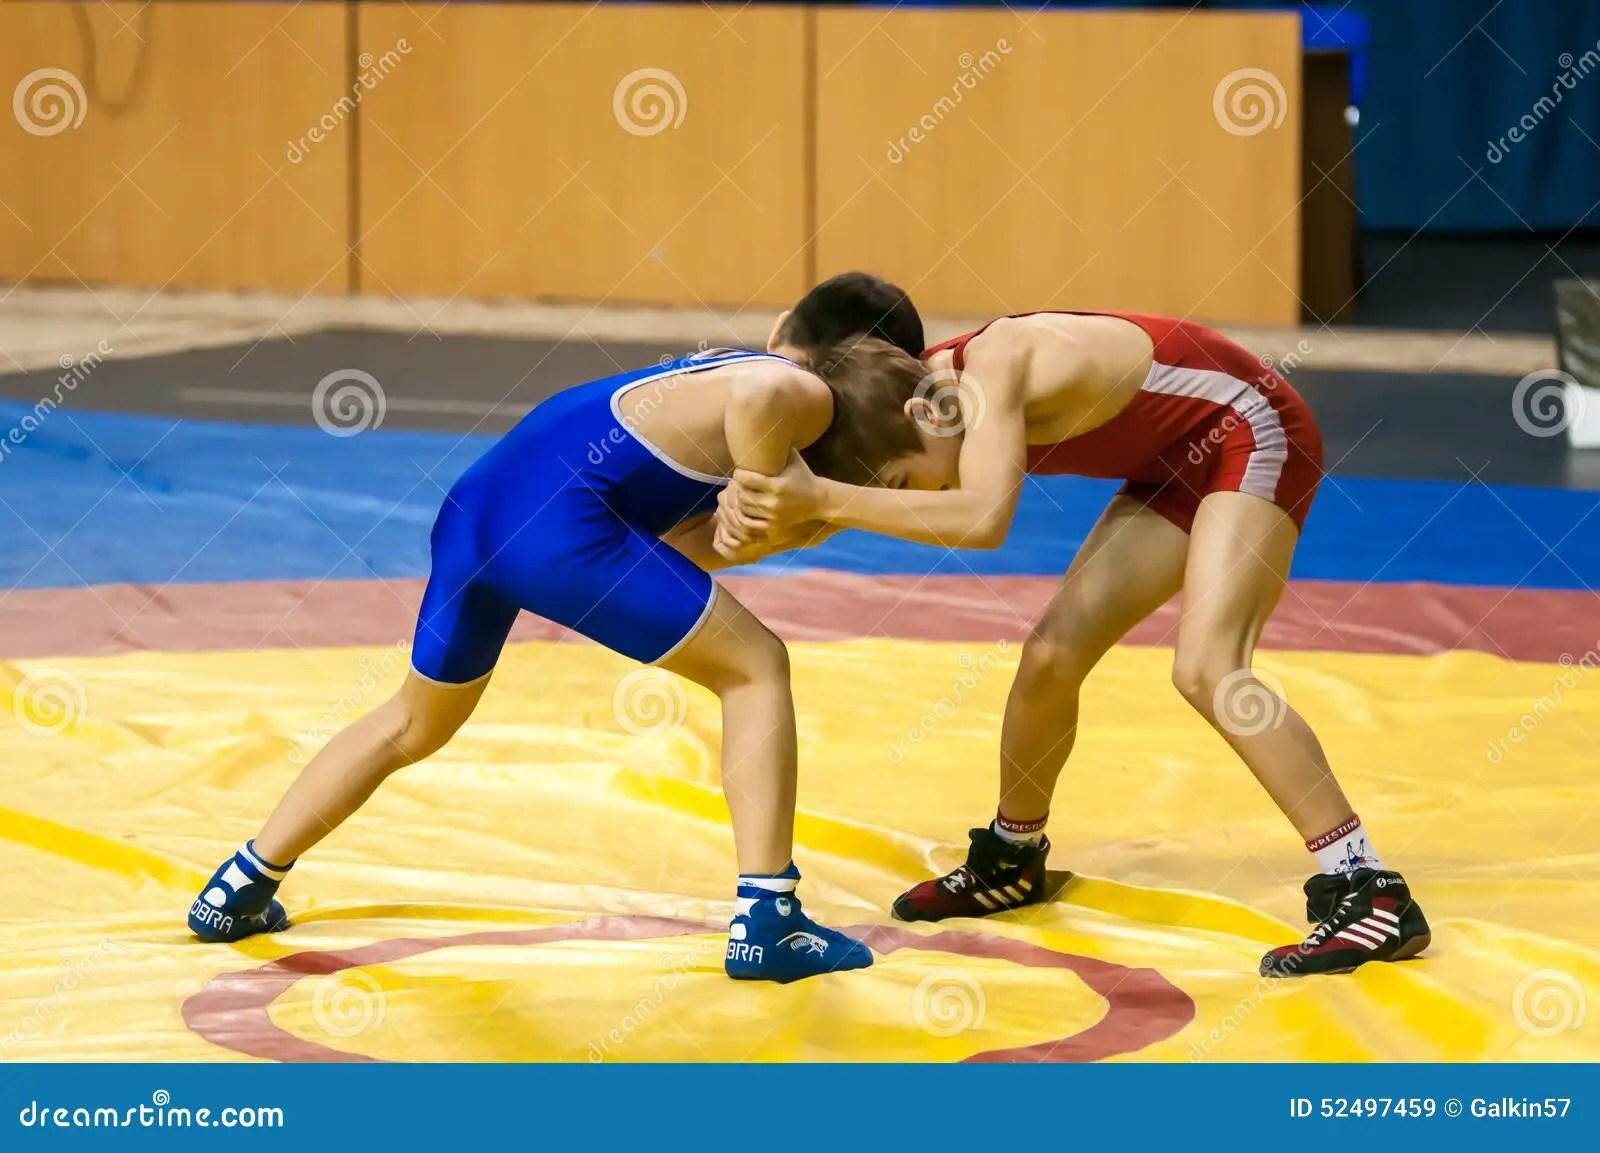 The Boys Compete In Greco Roman Wrestling Orenburg